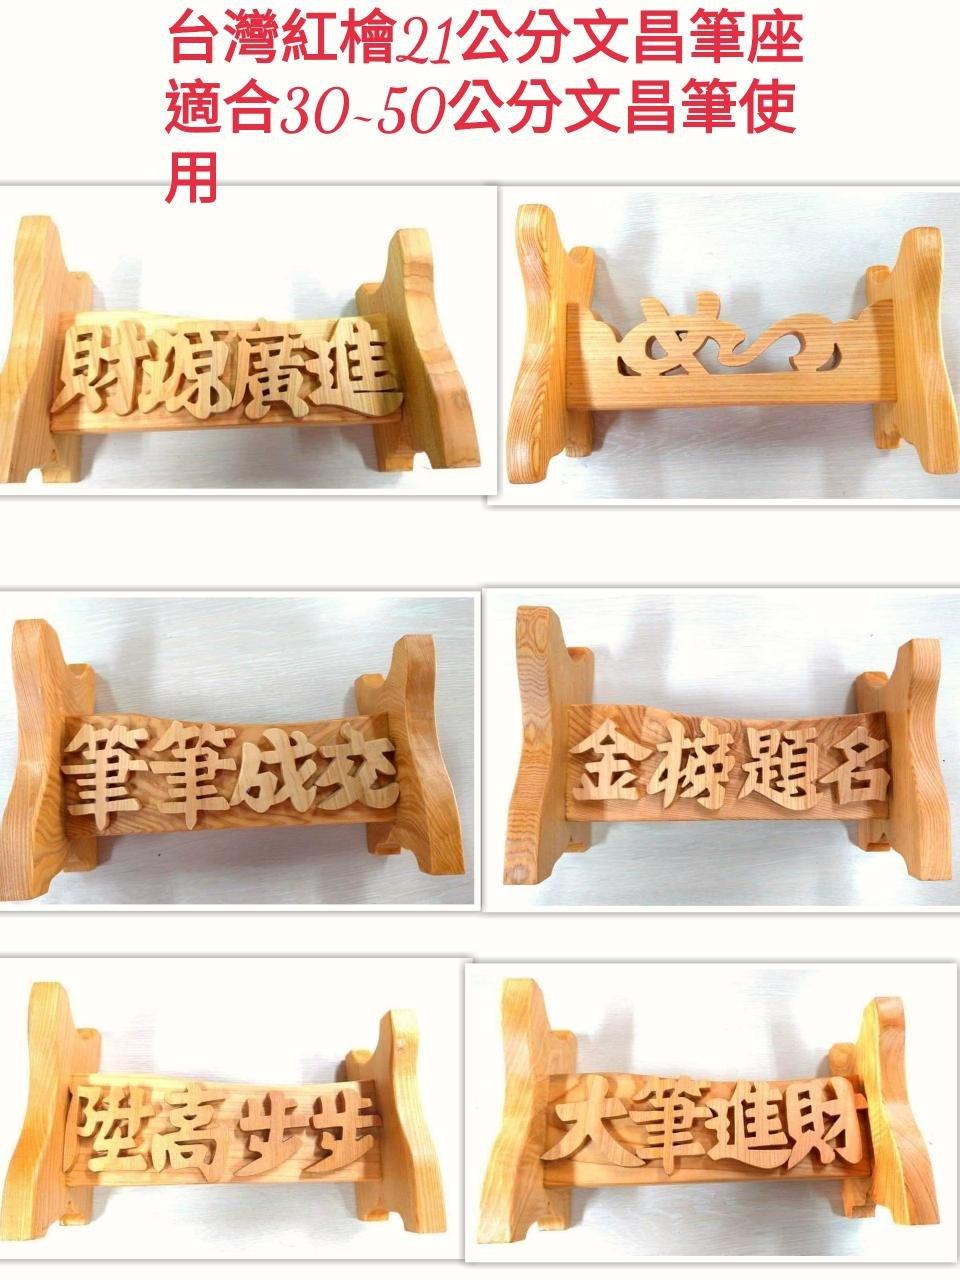 台灣紅檜原木21公分文昌筆架適合30~50公分文昌筆使用 單一個800